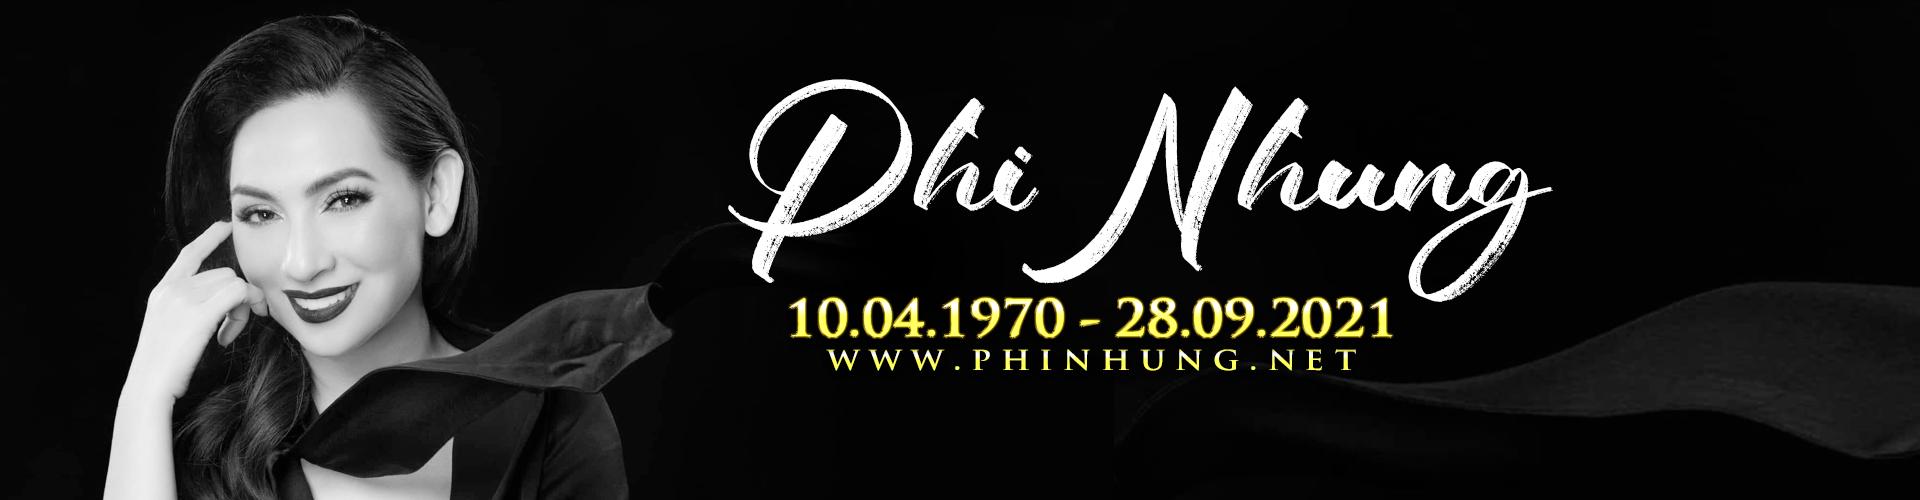 Phi Nhung Website | Phi Nhung Music - Âm thanh của ký ức